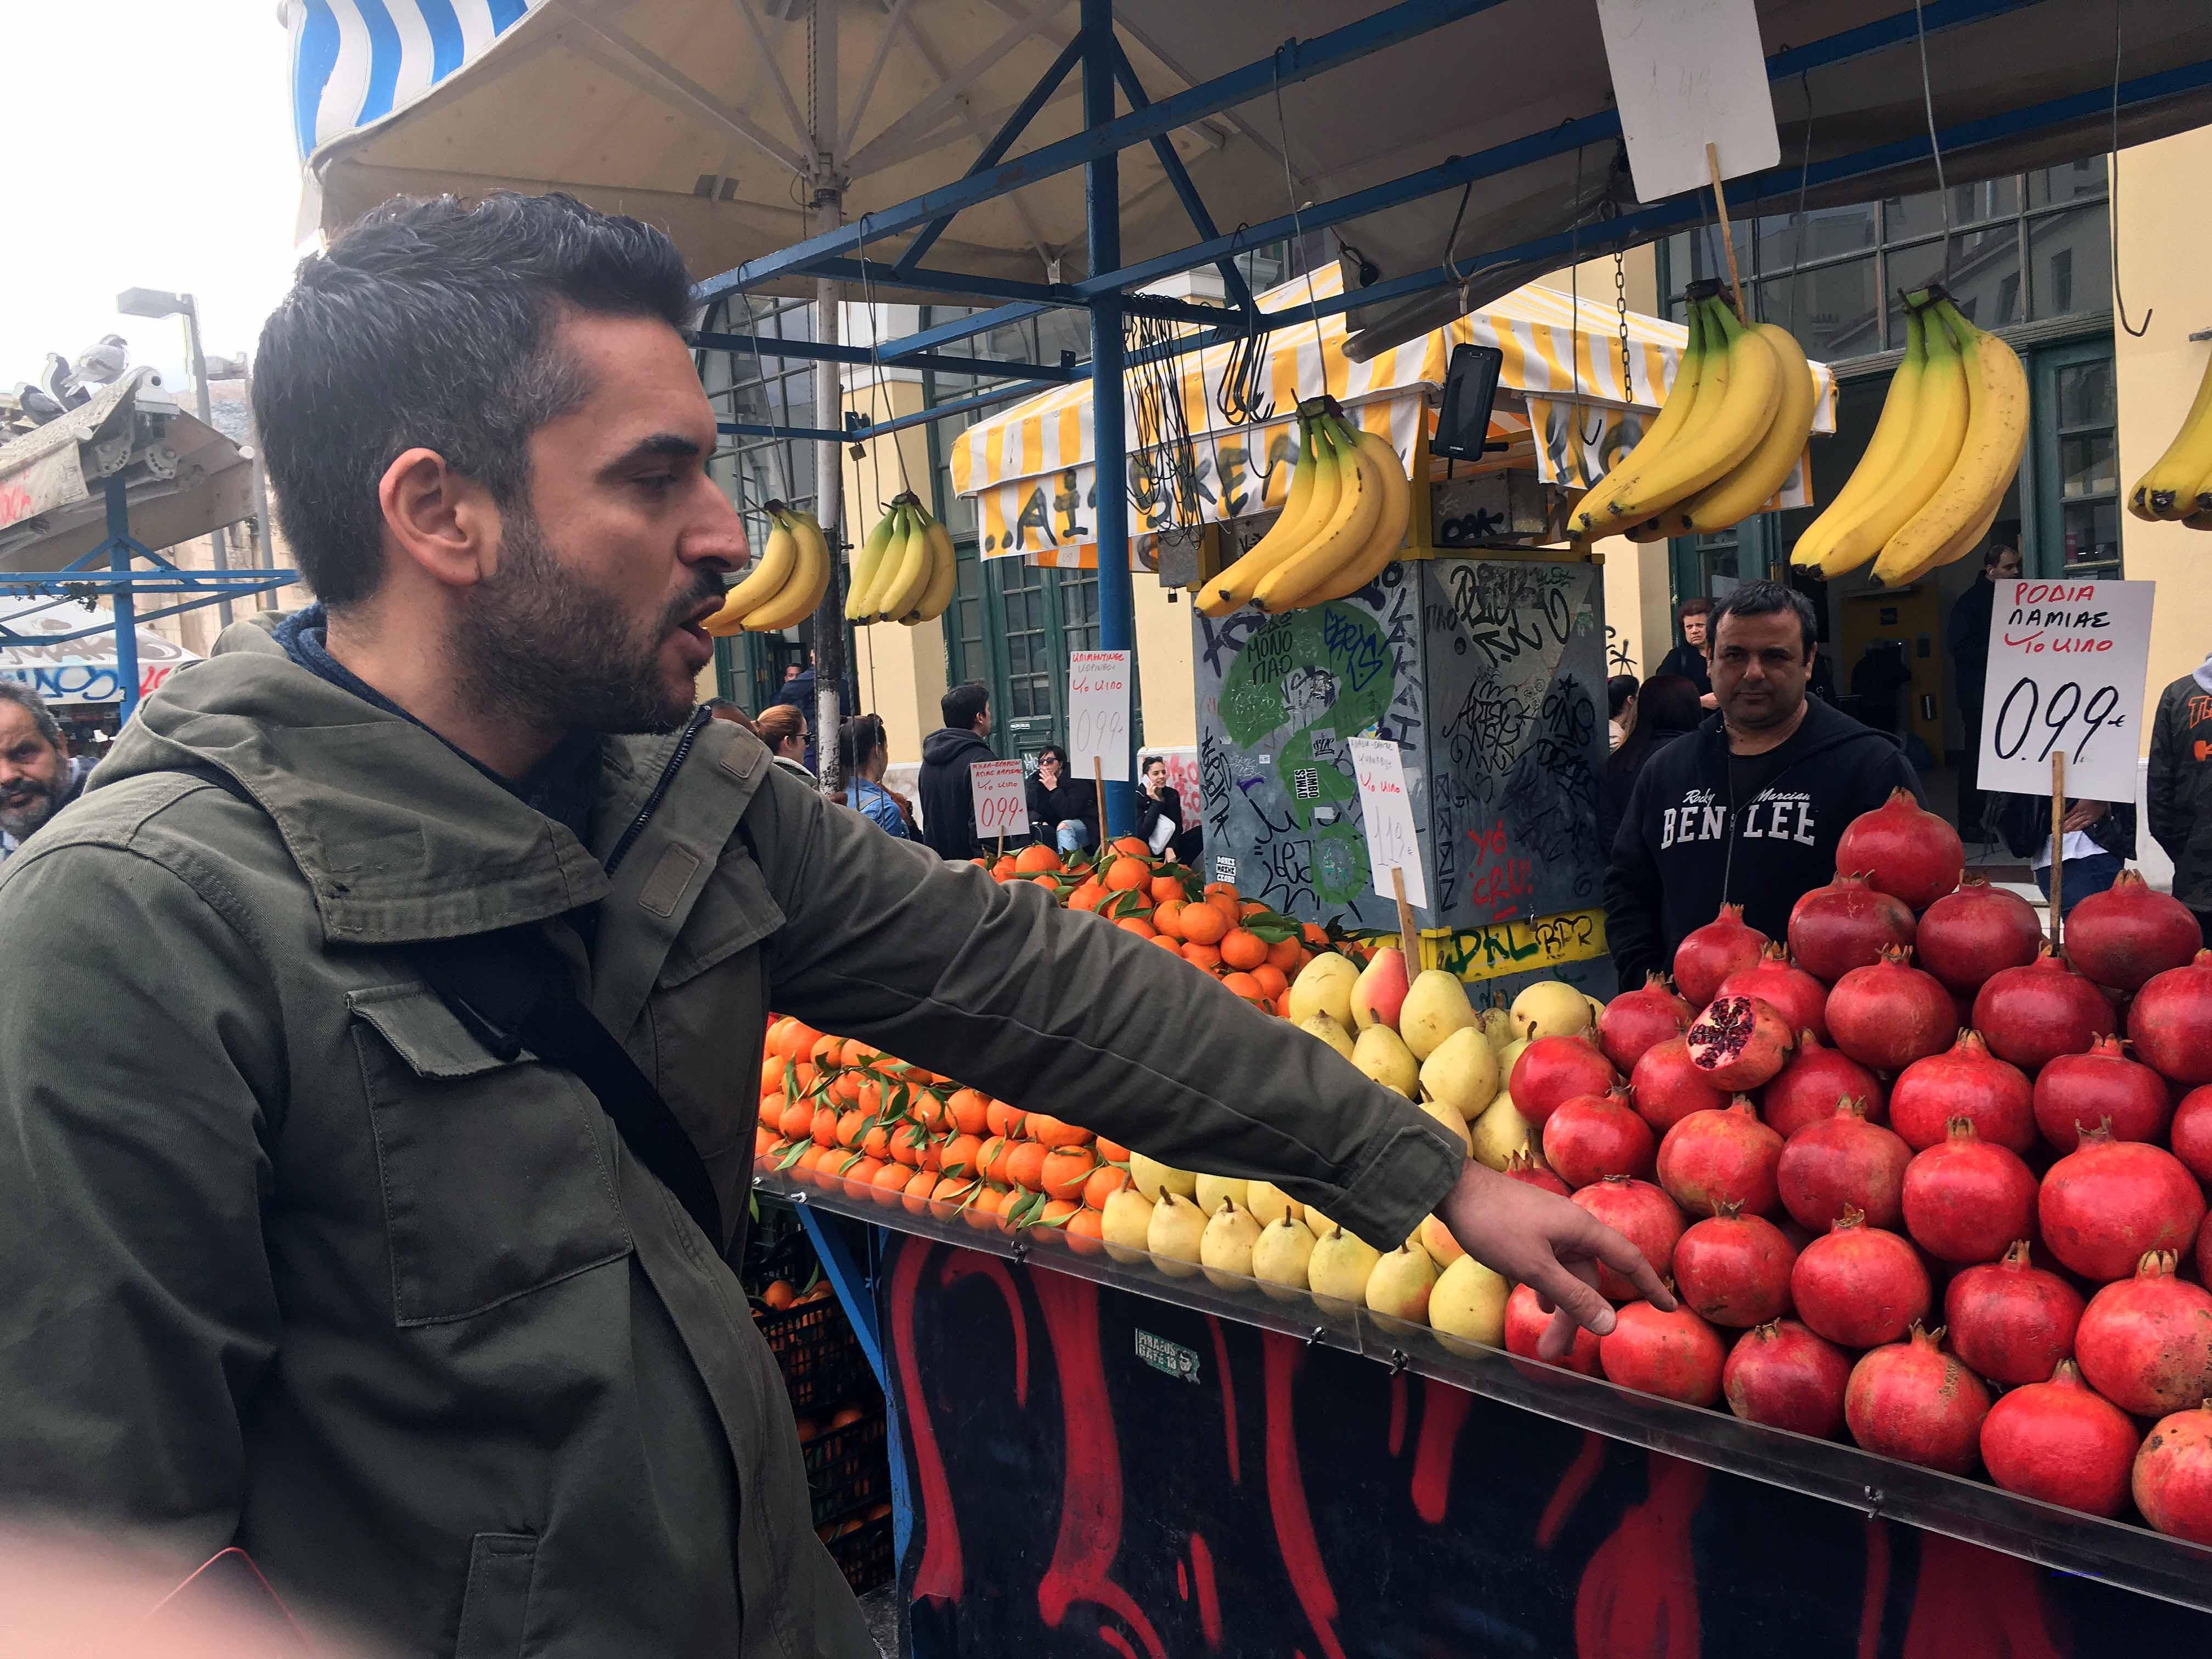 Insight-Athen-Stadtführer George begleitet Touristen auch auf Obst,- Fisch und Fleischmarkt. Foto: D.Weirauch